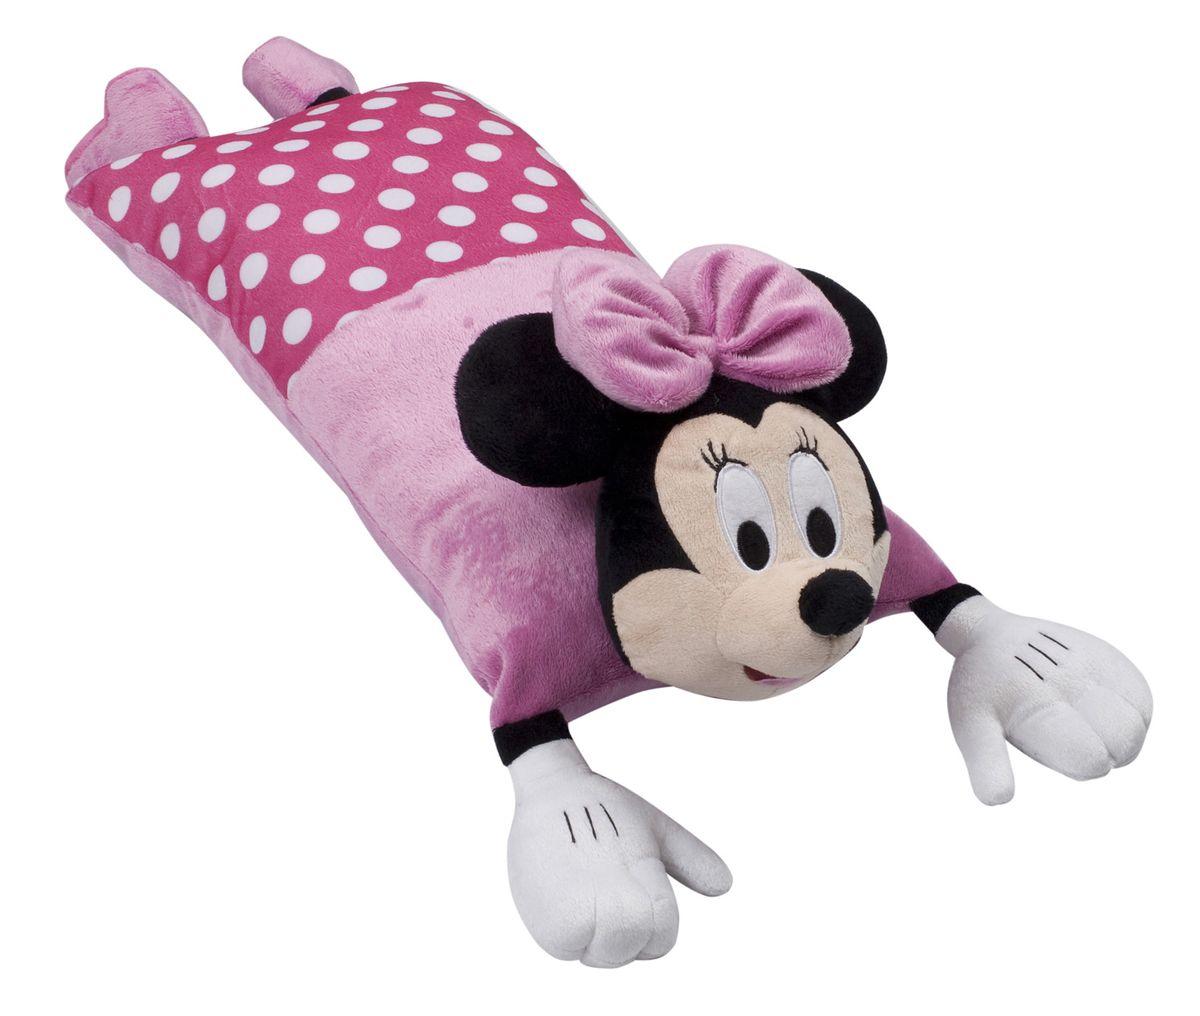 15546 Подушка Minnie Mouse (Минни Маус), размер 50х25 см15546Детская декоративная подушка может использоваться в качестве элемента декора в вашем доме, ну и кроме того, быть настоящей игрушкой для вашего малыша. Данная текстильная продукция занимает высокие позиции на потребительском рынке благодаря своим оригинальным дизайнам и безопасным материалам.